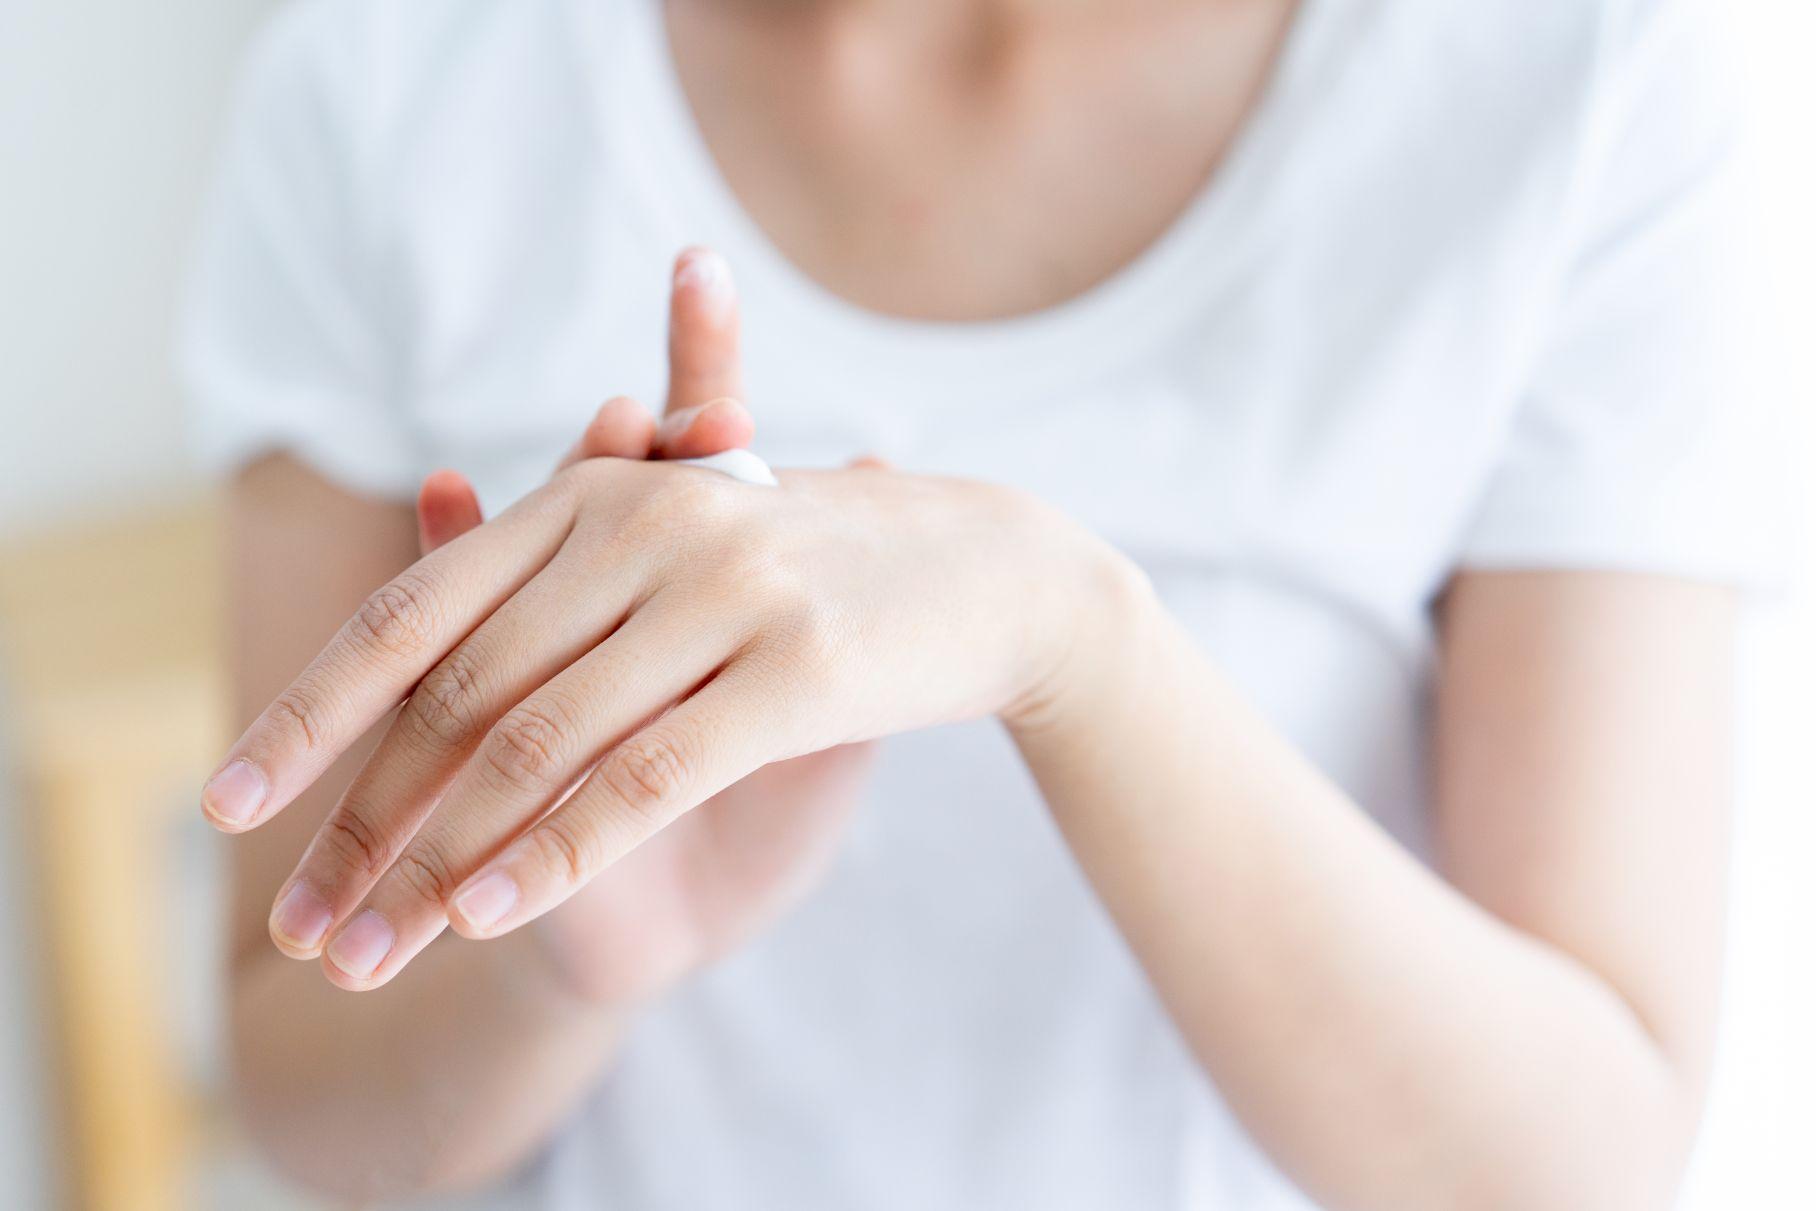 Cztery kosmetyki, które warto używać po 30 roku życia